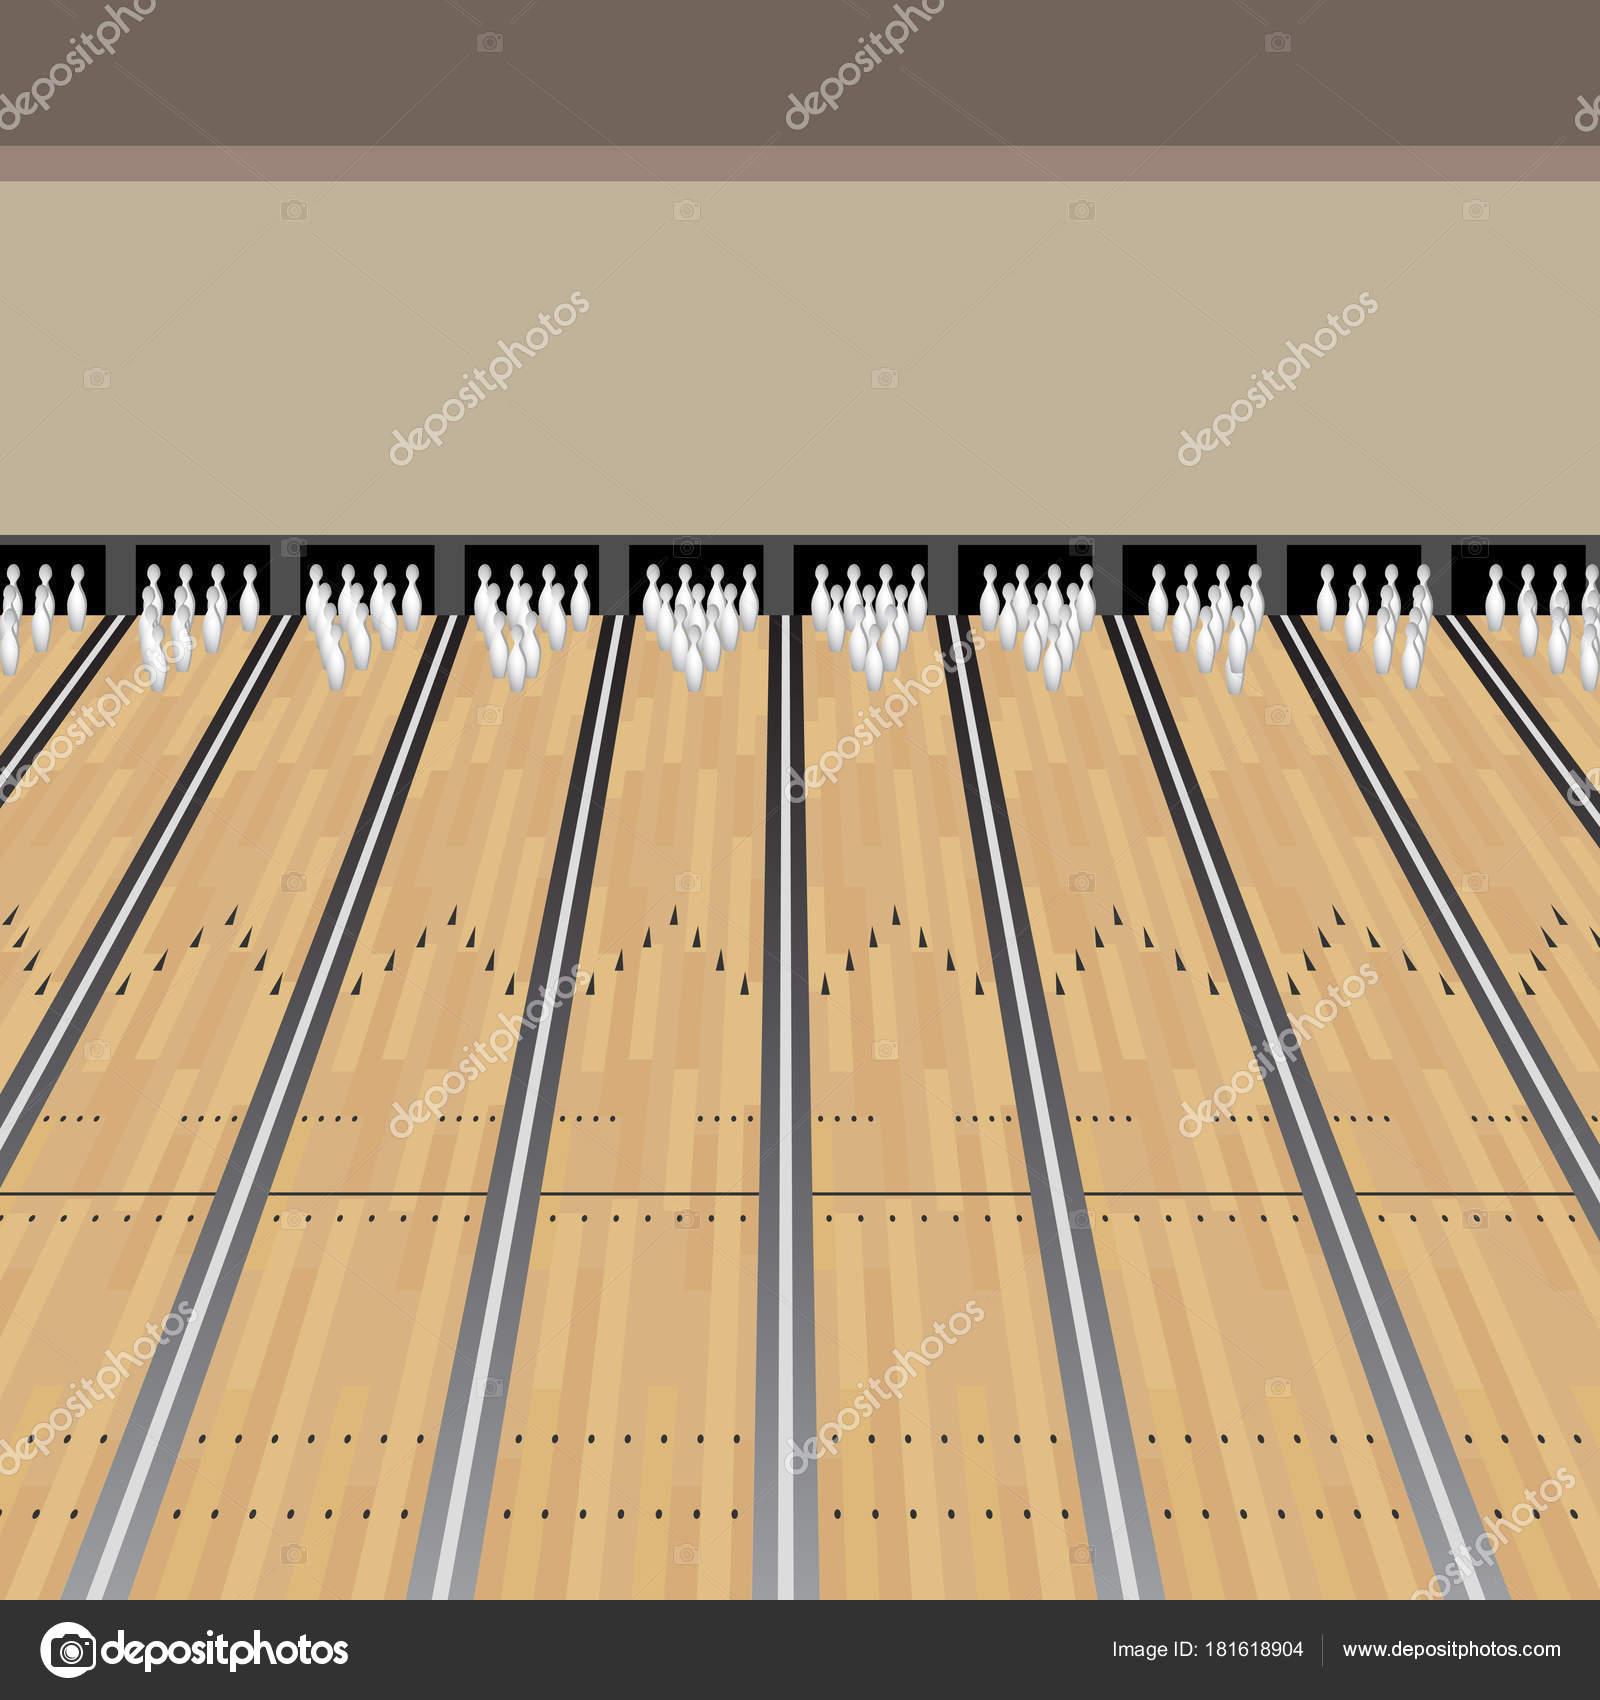 Bowling lanes clip art | Bowling Alley Lane Pins Game